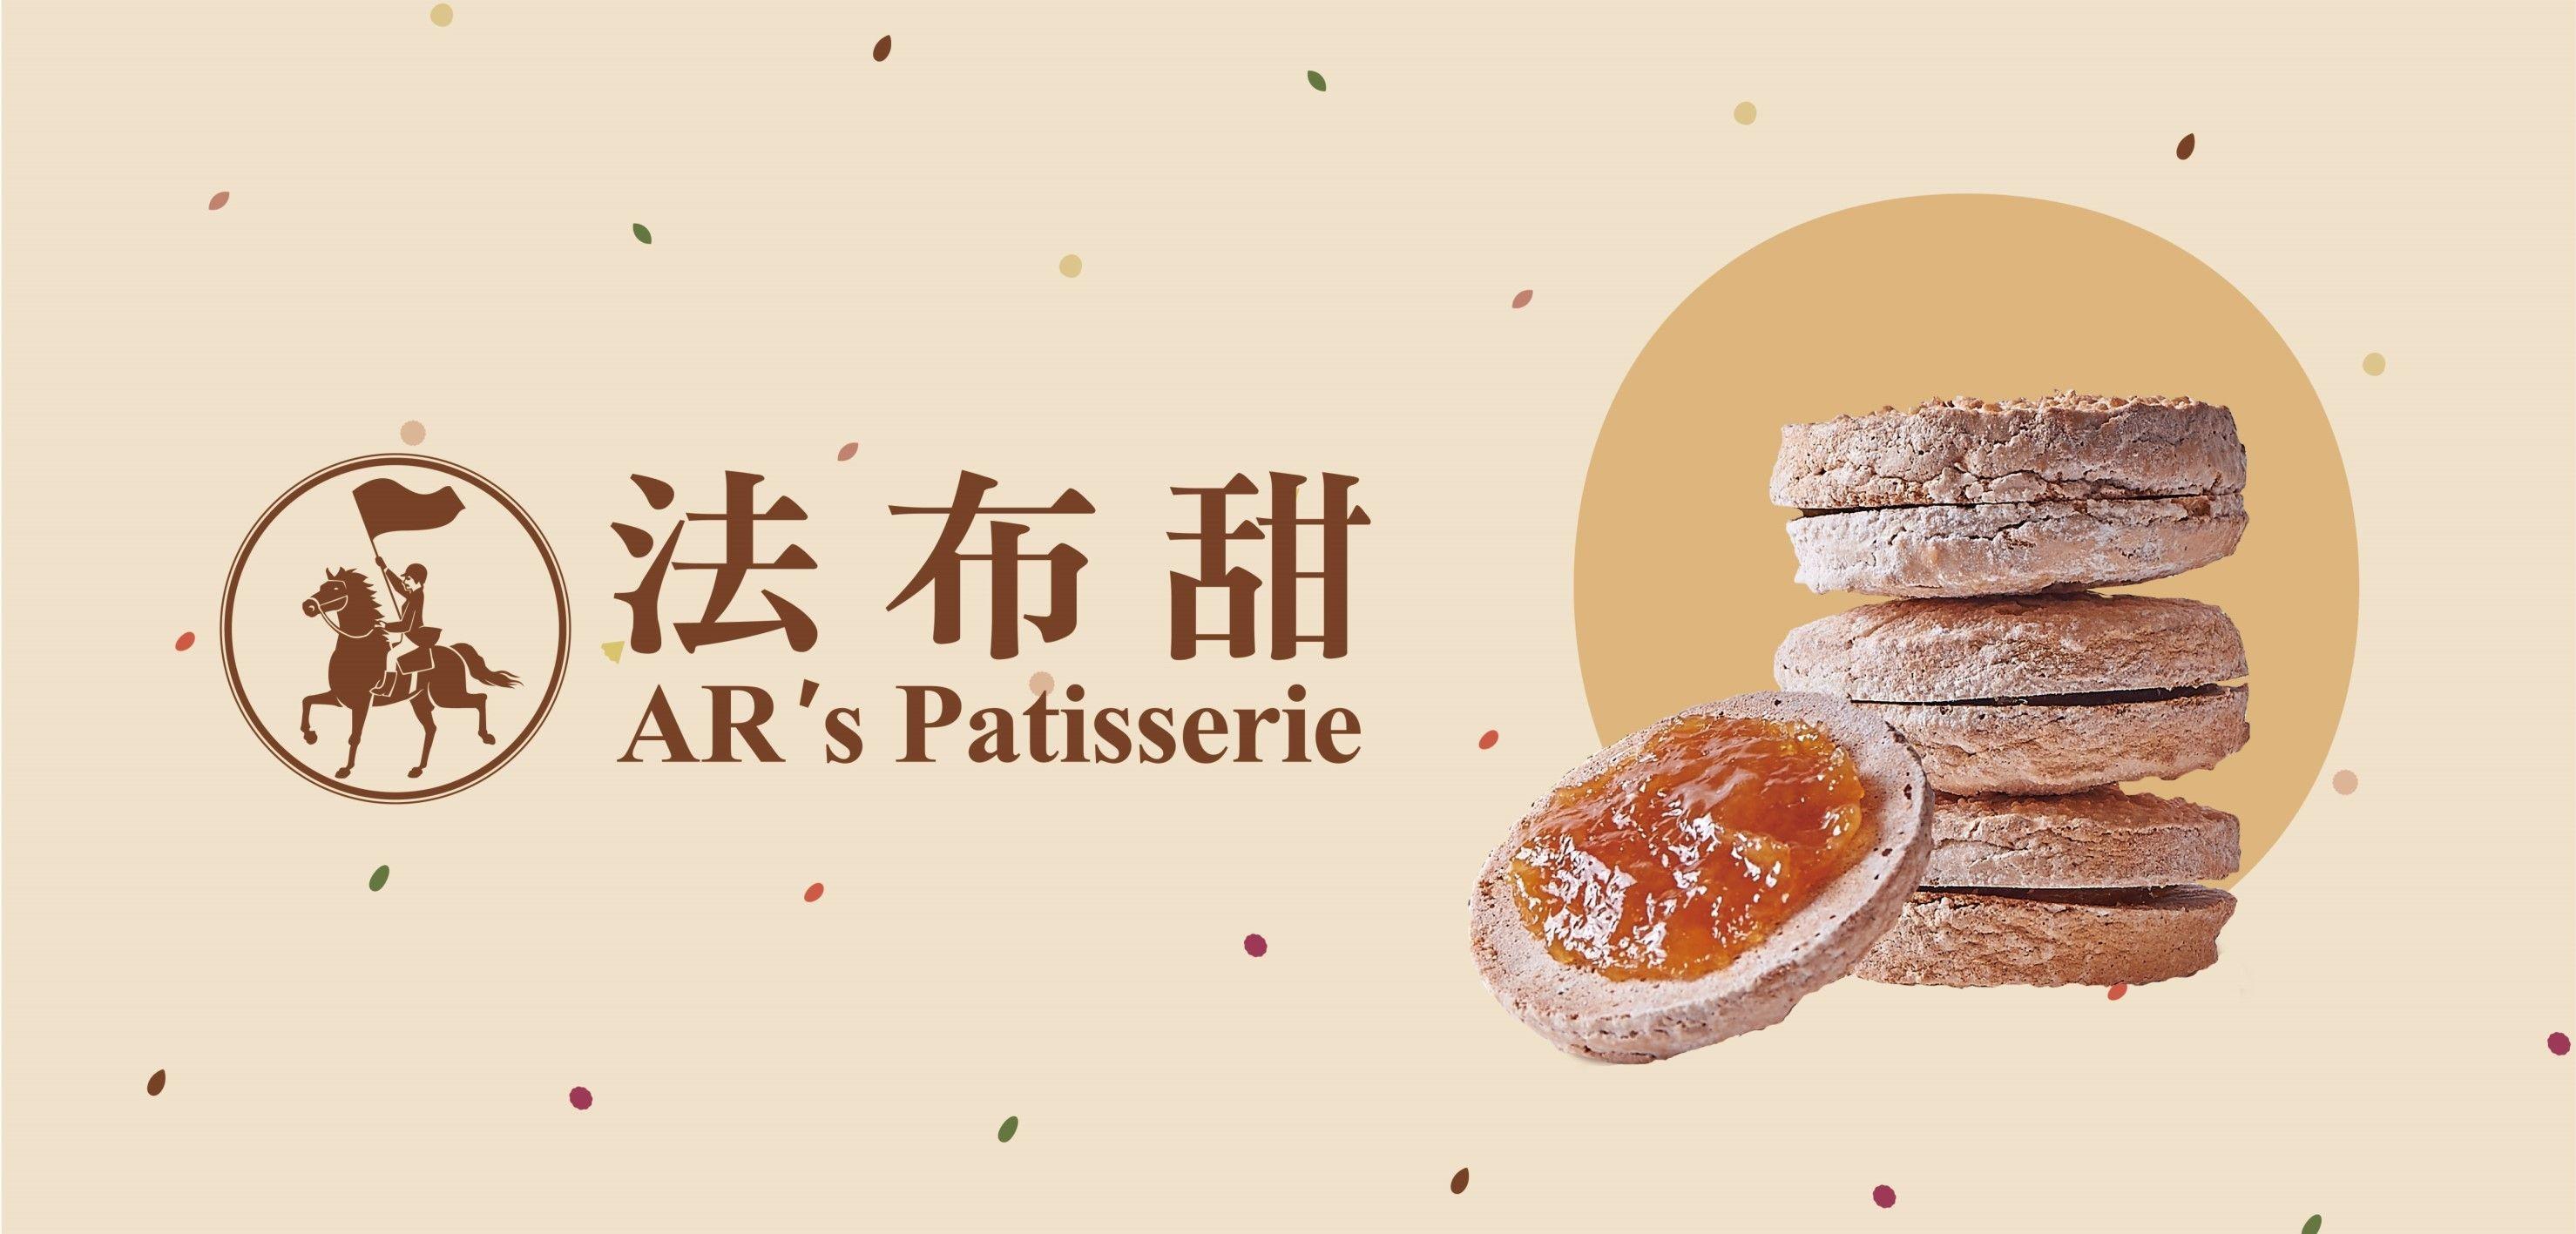 三盒特賣組【法布甜AR's Patisserie】三色法式鳳梨酥(低油低糖低熱量)12入/盒 x3盒